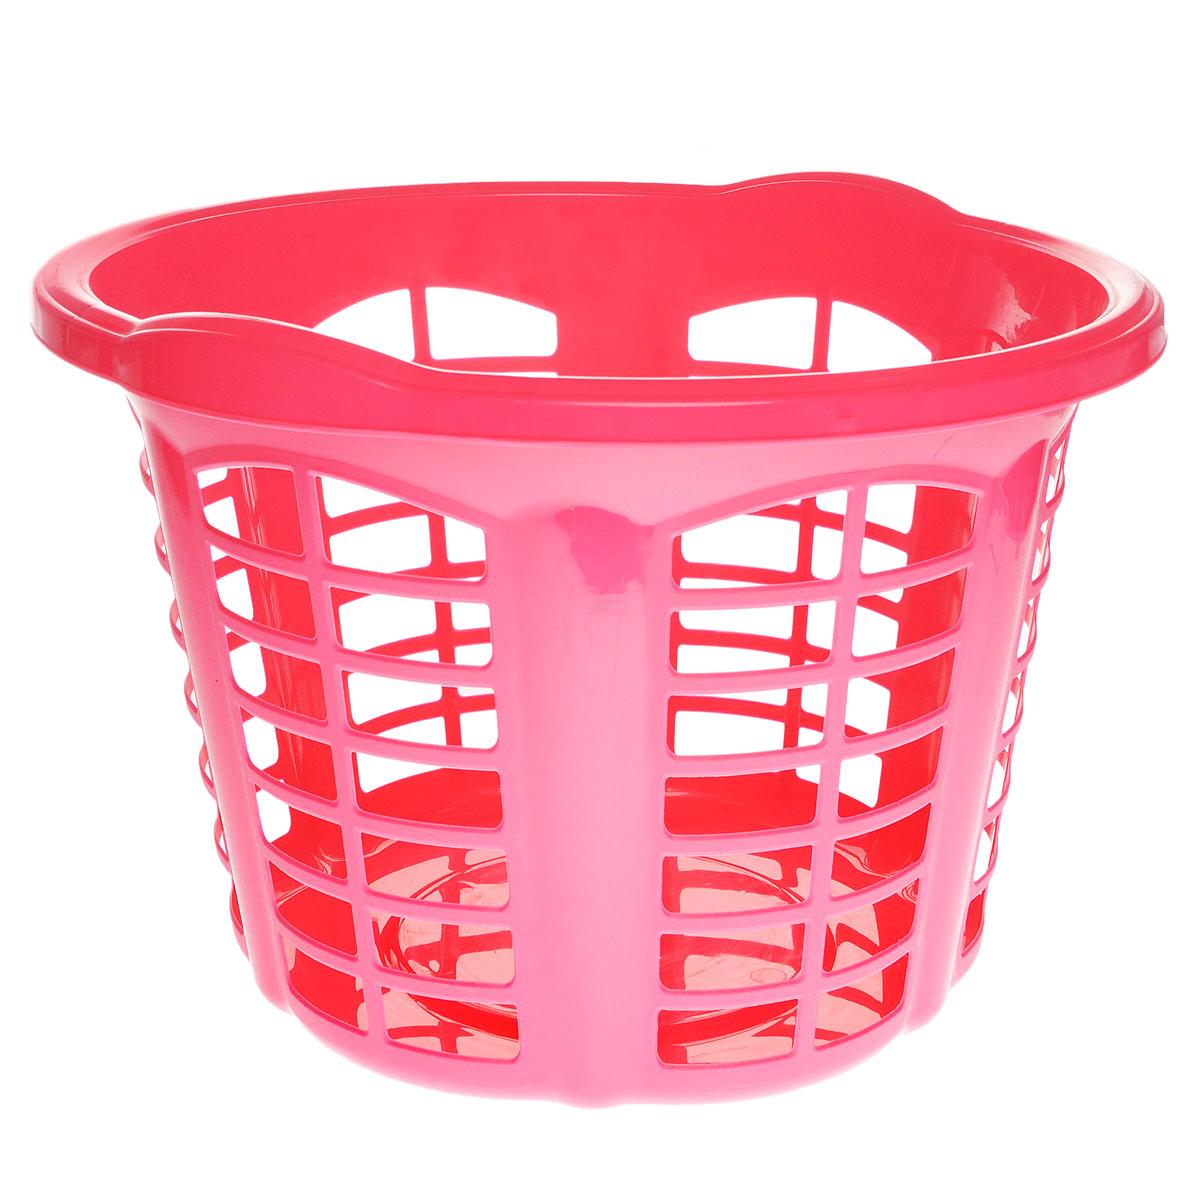 Корзина для белья Dunya Plastik Стиль, цвет: розовый, 33 л05301Корзина для белья Dunya Plastik Стиль изготовлена из прочного пластика. Корзина устойчива к перепадам температур и влажности, поэтому идеально подходит для ванной комнаты. Изделие оснащено двумя боковыми ручками. Можно использовать для хранения белья, детских игрушек, домашней обуви и прочих бытовых вещей. Элегантный дизайн подойдет к интерьеру любой ванной.